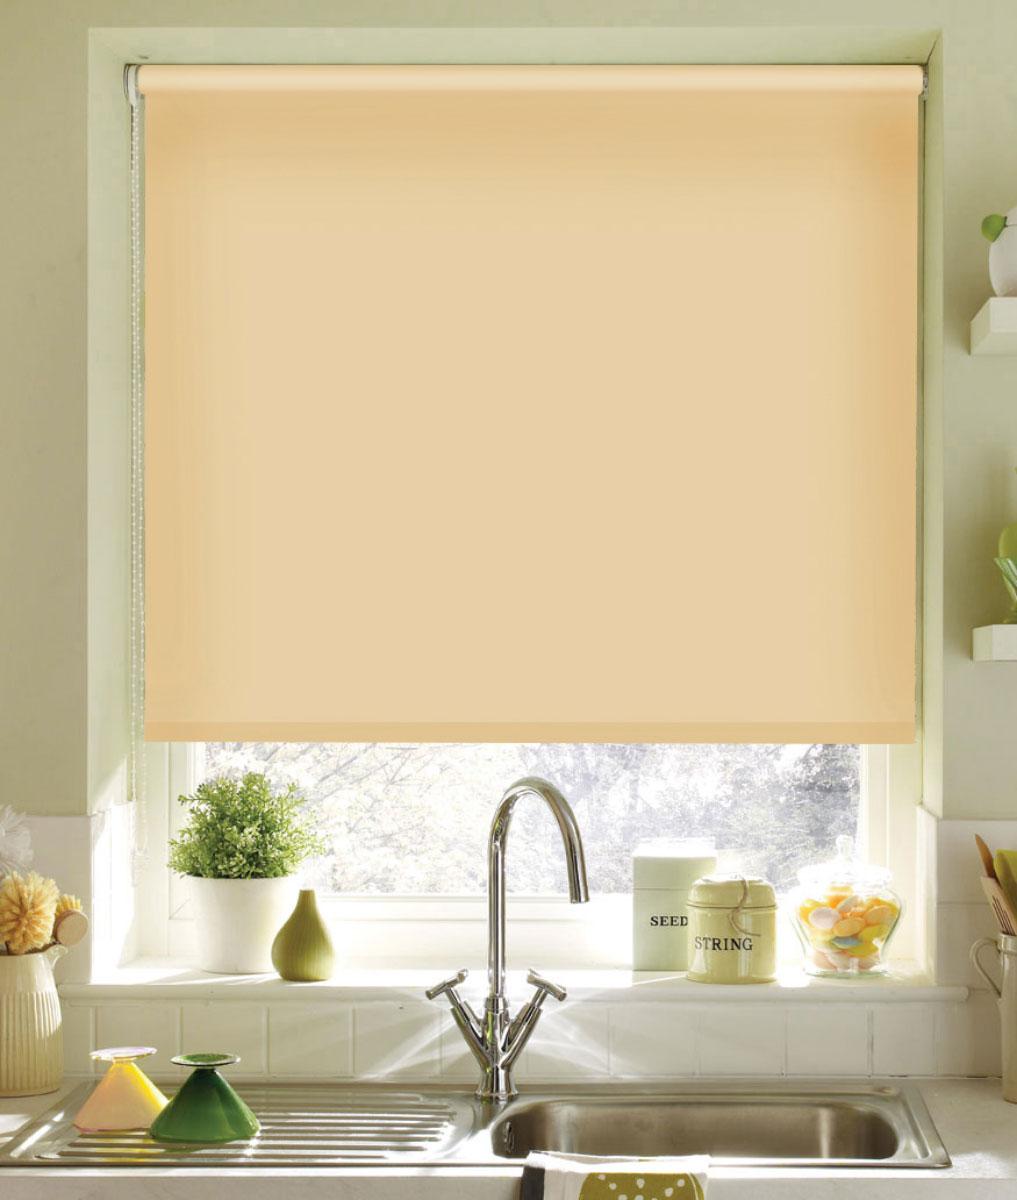 Штора рулонная KauffOrt Миниролло, цвет: светлый абрикос, ширина 43 см, высота 170 смK100Рулонная штора KauffOrt Миниролло выполнена из высокопрочной ткани, которая сохраняет свой размер даже при намокании. Ткань не выцветает и обладает отличной цветоустойчивостью.Миниролло - это подвид рулонных штор, который закрывает не весь оконный проем, а непосредственно само стекло. Такие шторы крепятся на раму без сверления при помощи зажимов или клейкой двухсторонней ленты (в комплекте). Окно остается на гарантии, благодаря монтажу без сверления. Такая штора станет прекрасным элементом декора окна и гармонично впишется в интерьер любого помещения.